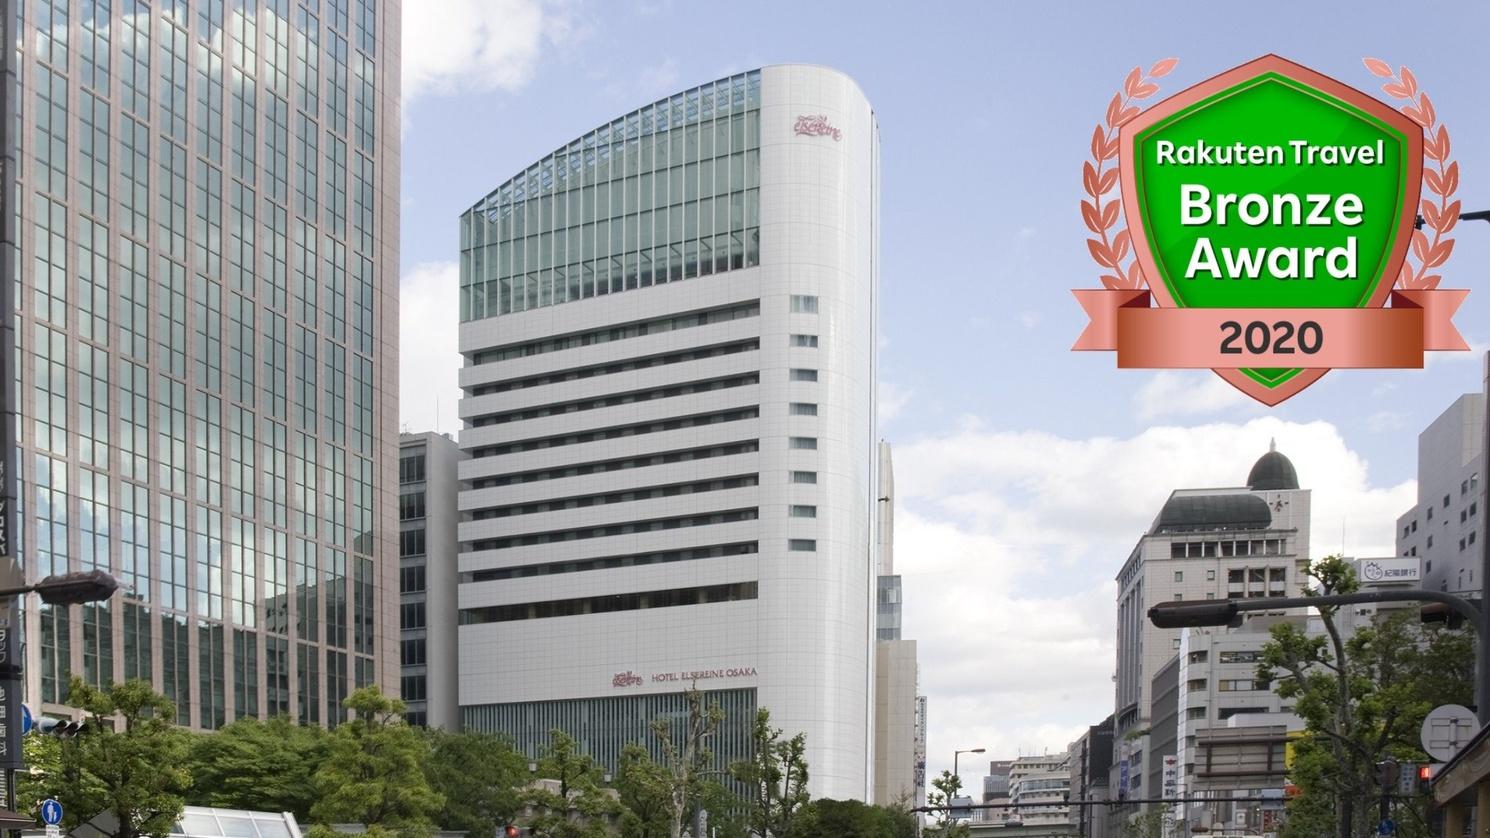 ホテル エルセラーン大阪 image